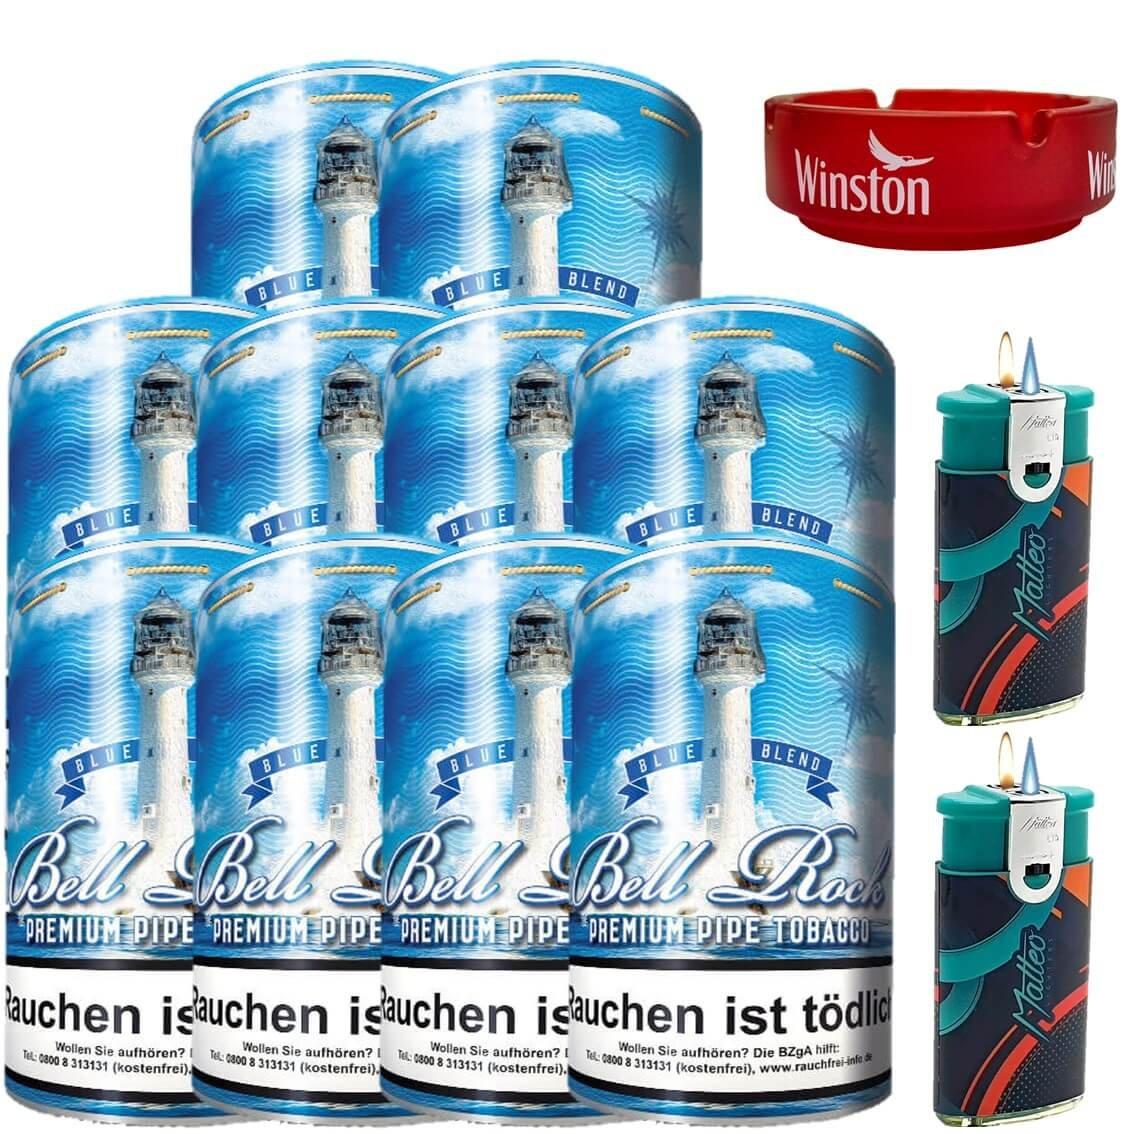 Bell Rock Blue Blend 10 x 160g Pfeifentabak Uvm.